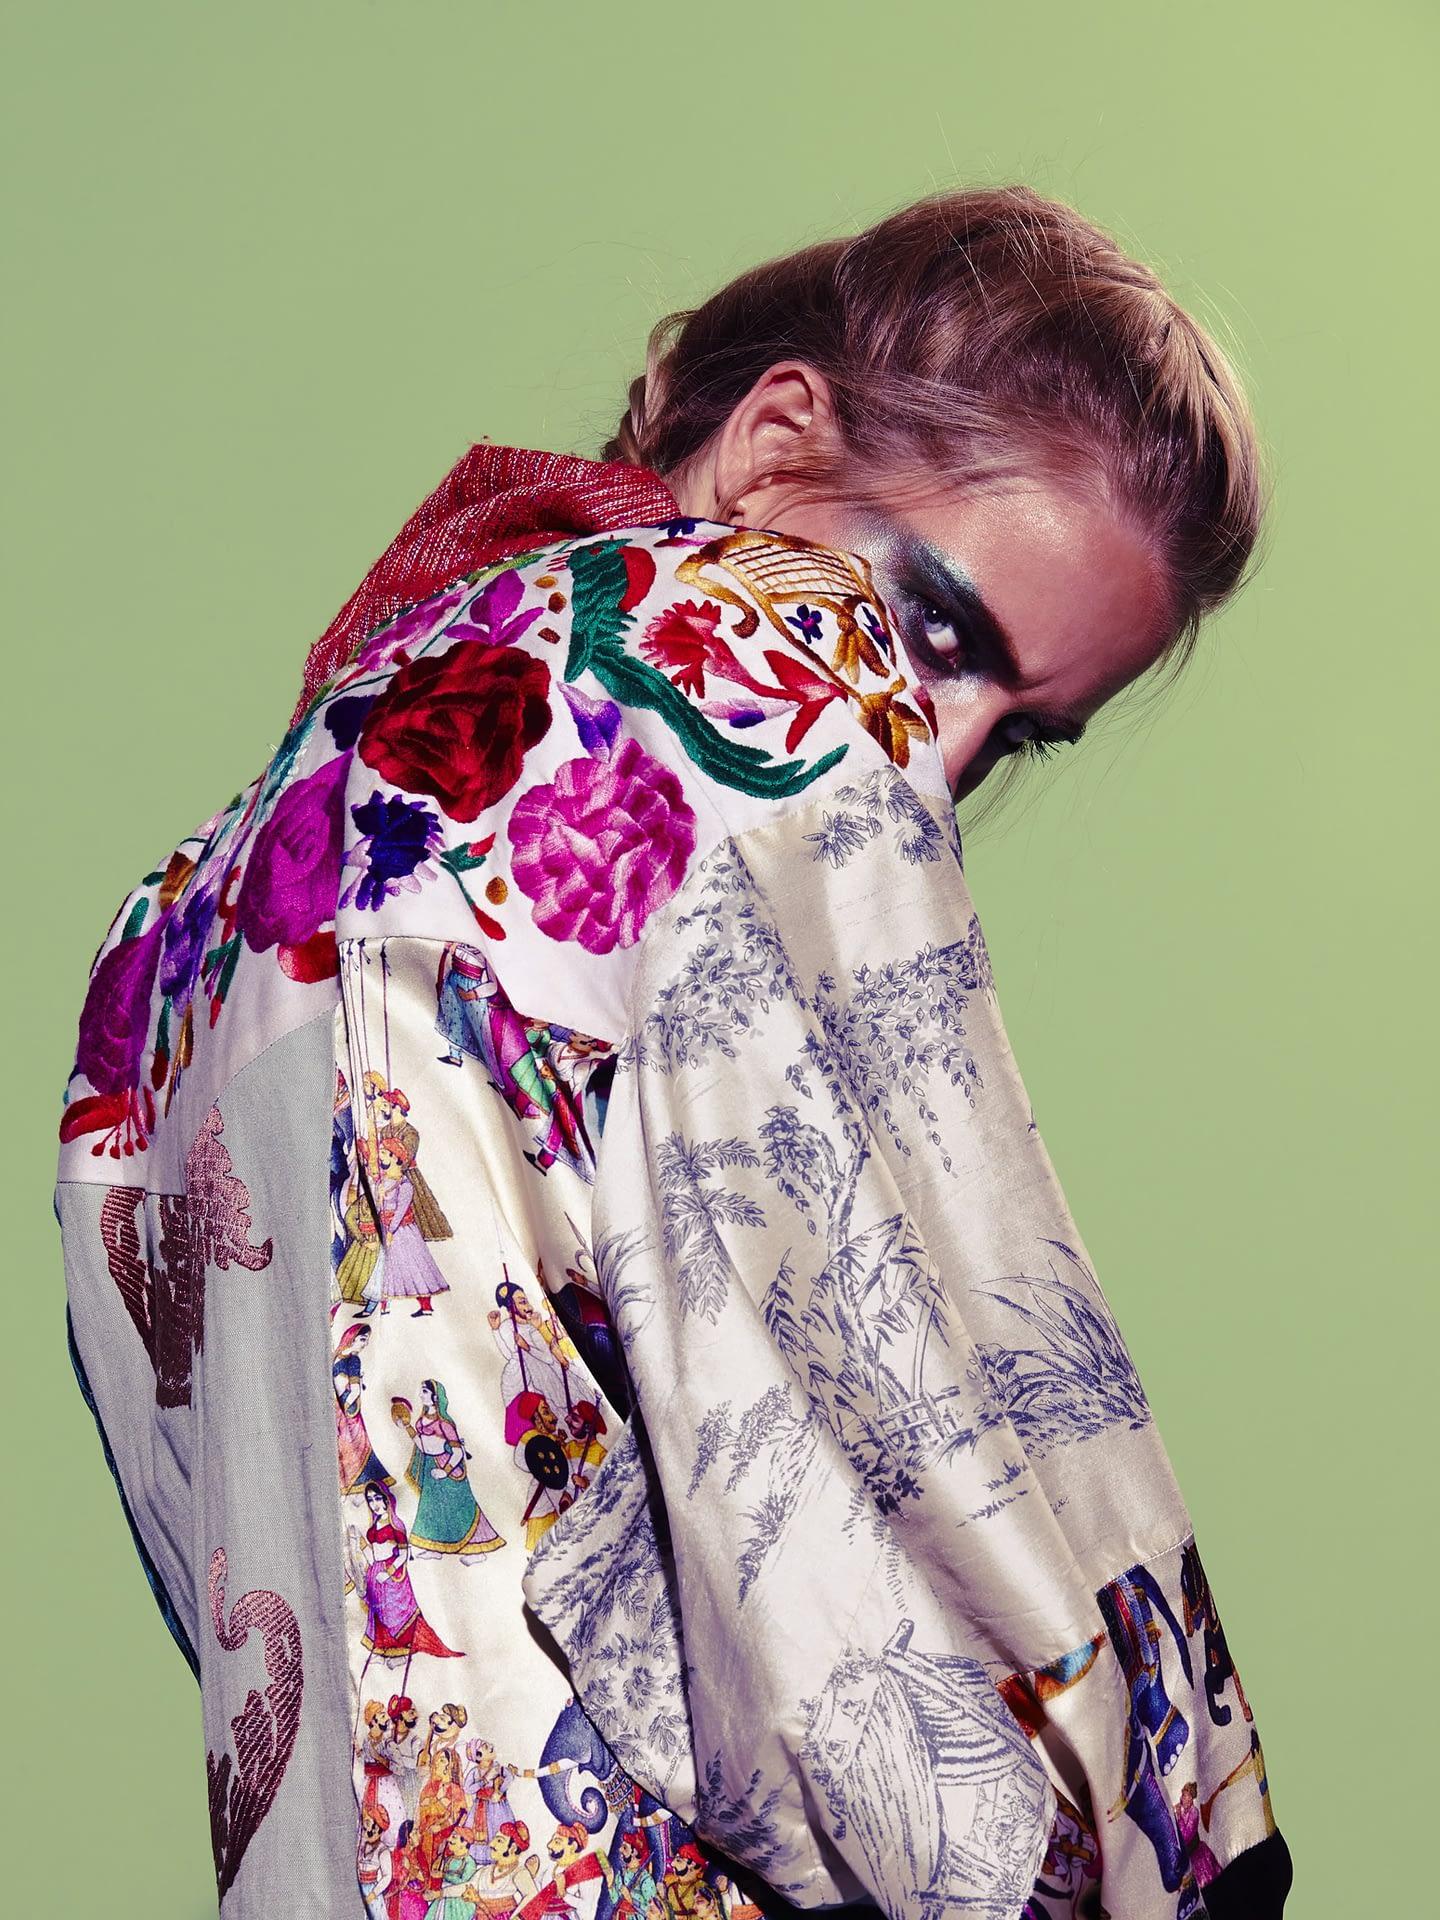 Michelle-Kimono1563-min-min